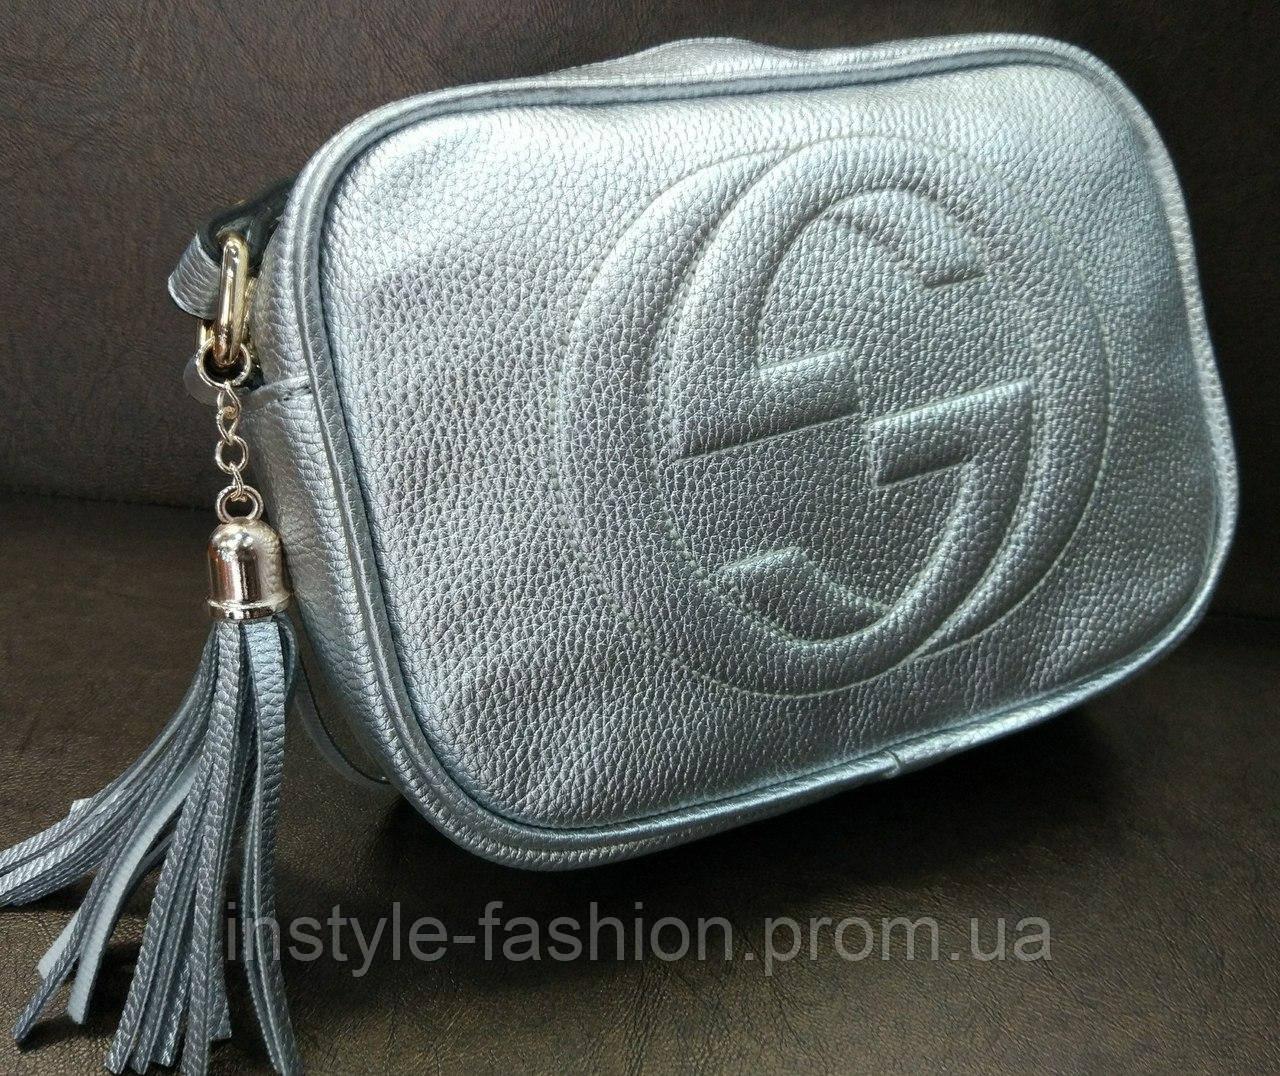 afff4f546ae7 Сумка Gucci Гуччи через плечо серебрянная - Сумки брендовые, кошельки,  очки, женская одежда